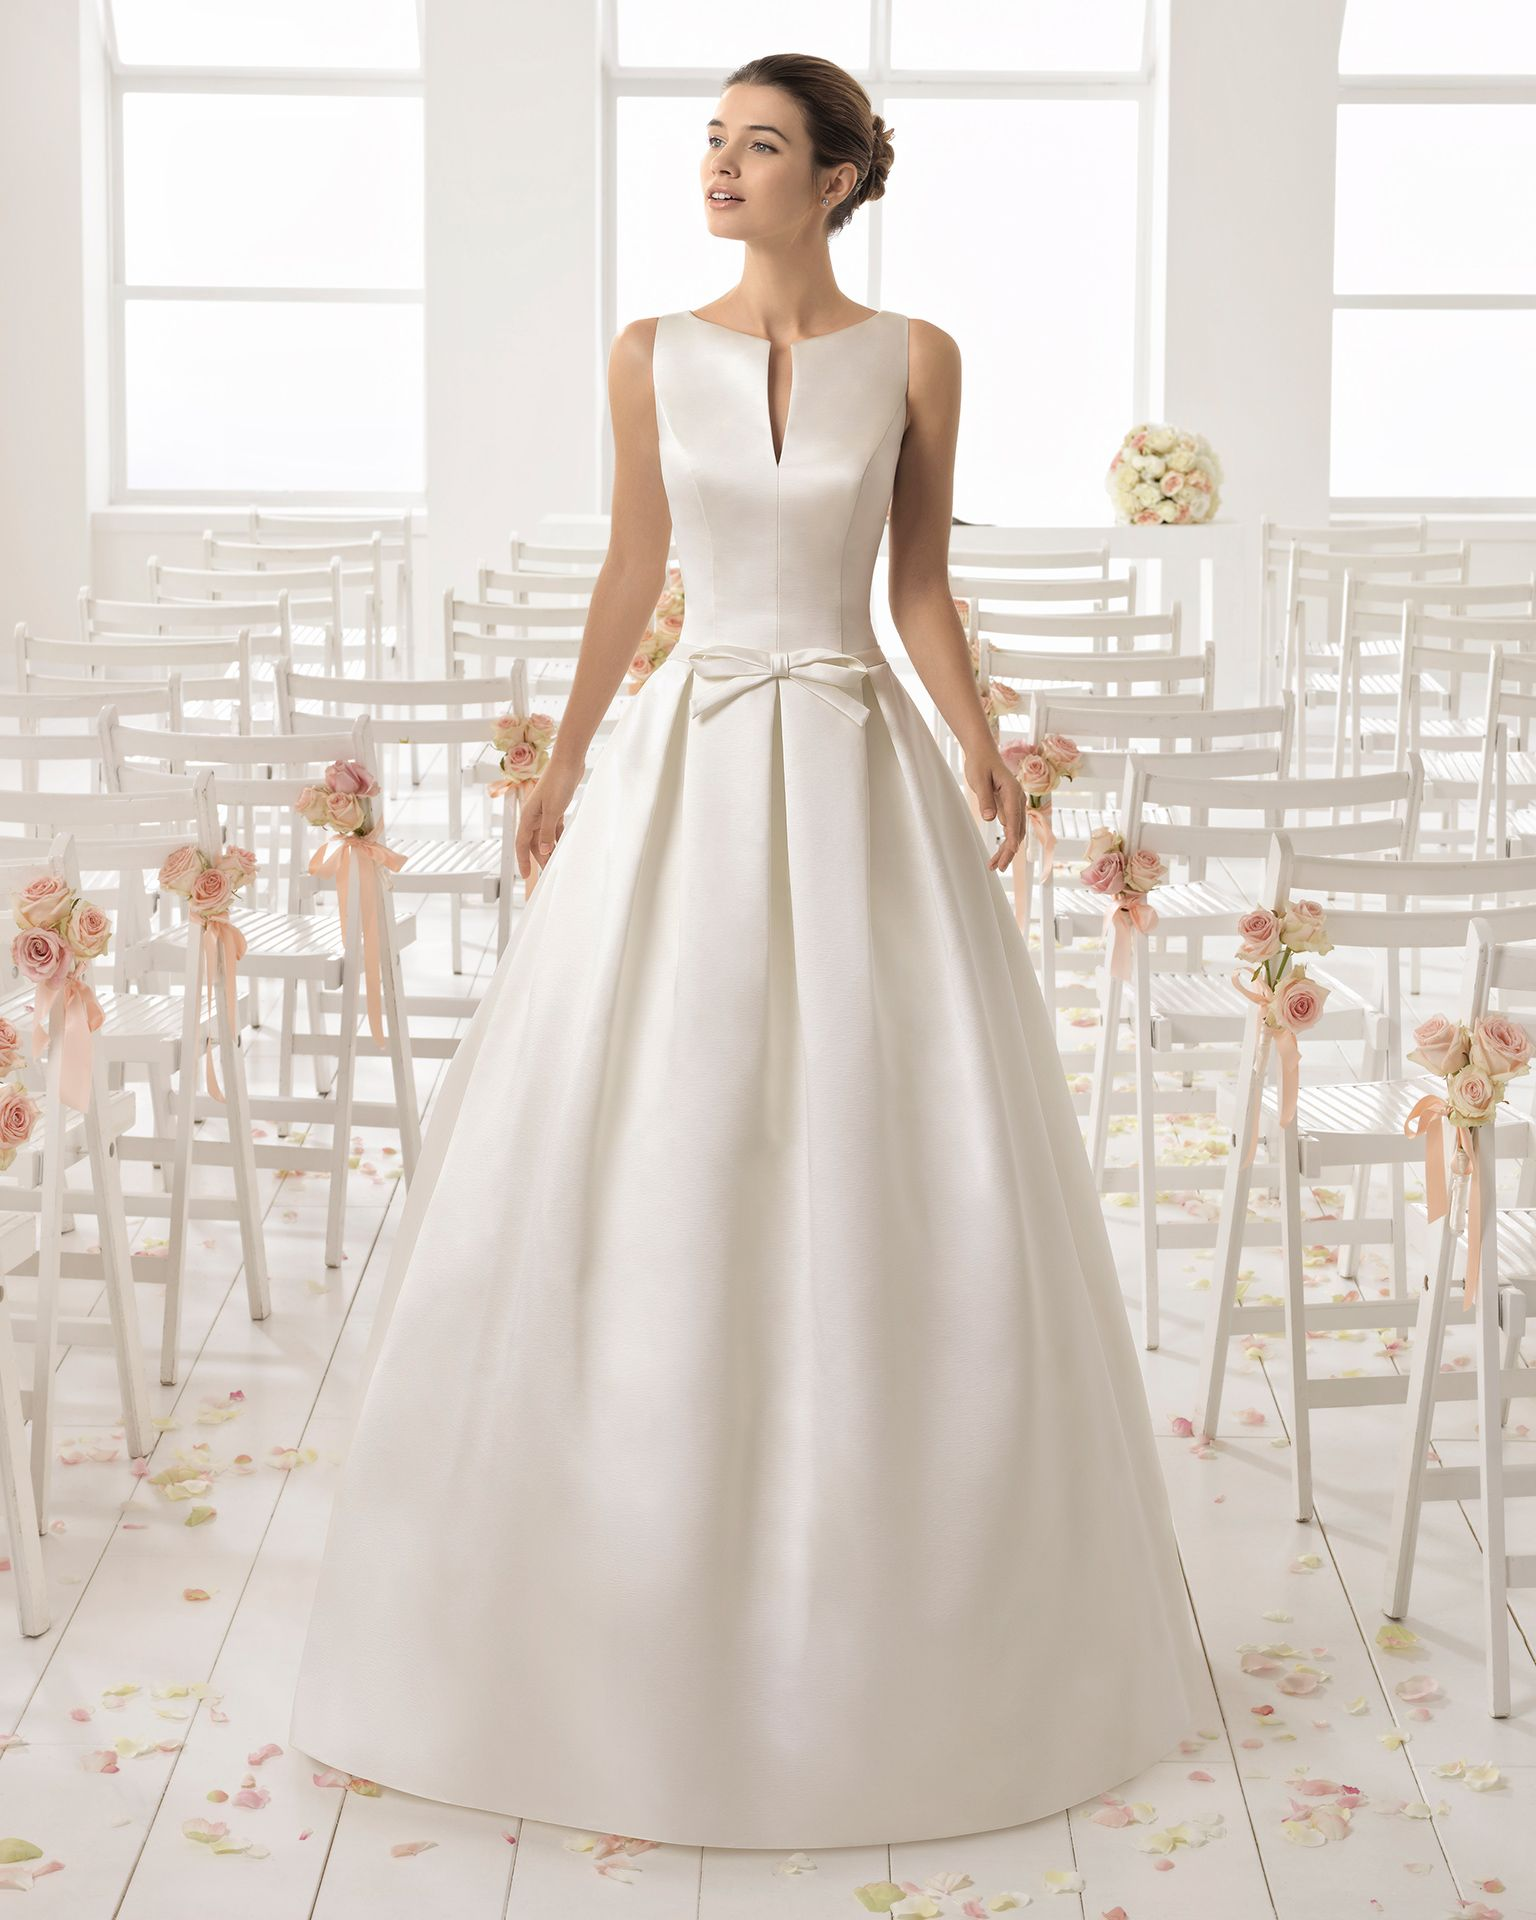 Vestidos de novia con abertura delantera